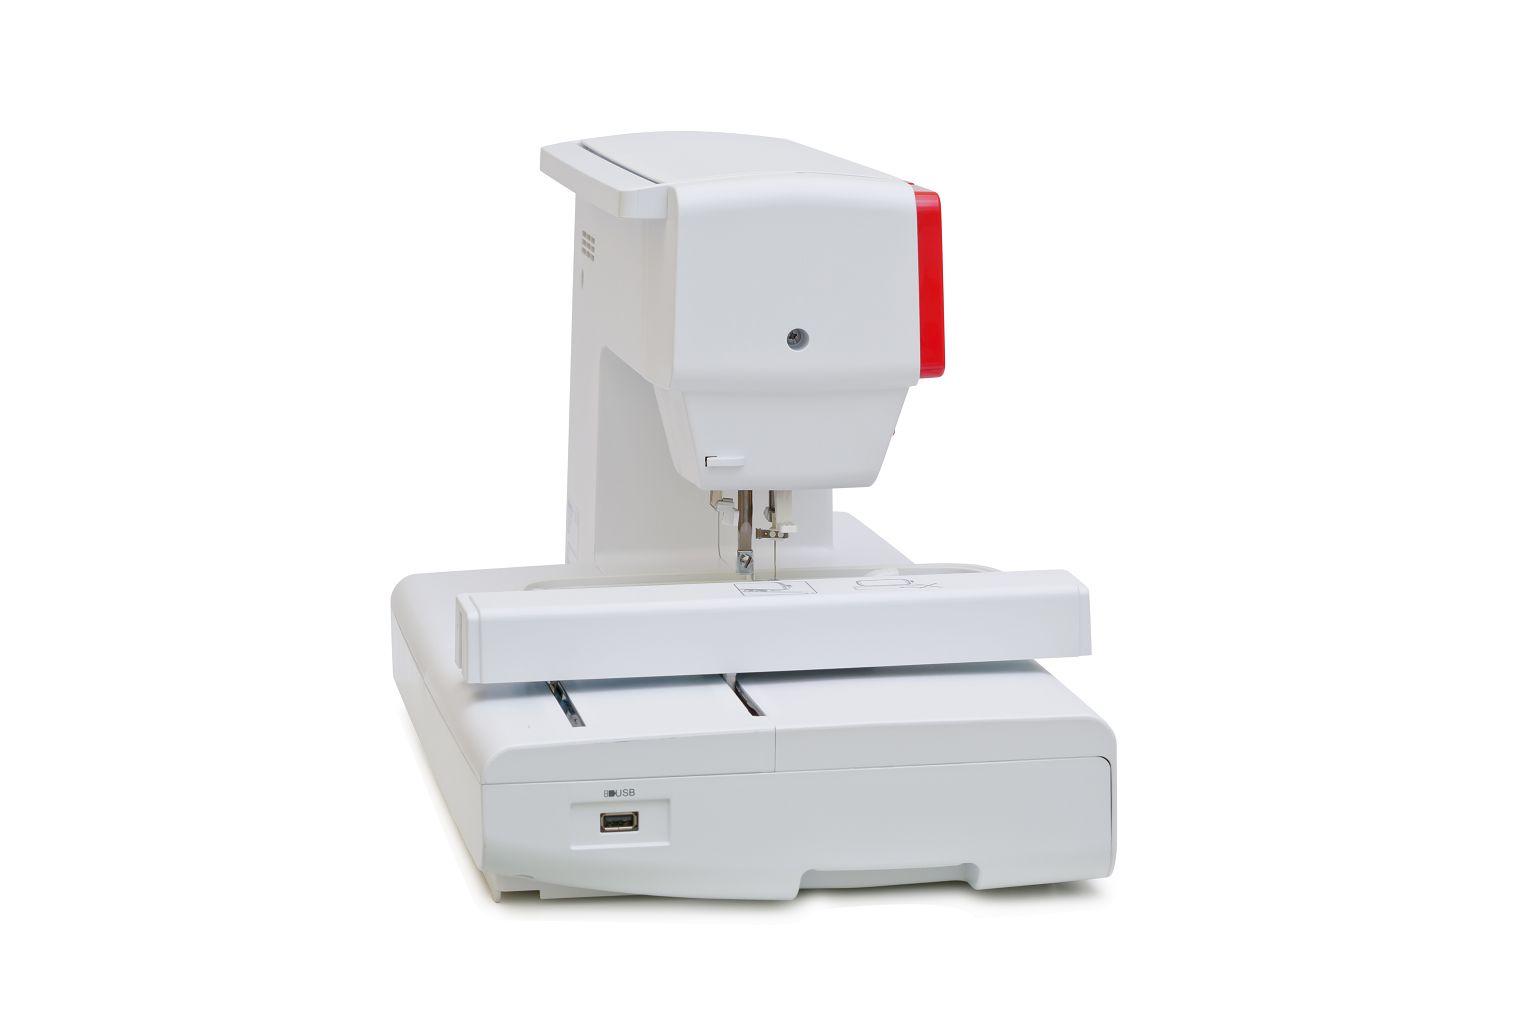 Вышивальная машина Minerva 450ER, белый, красный Minerva